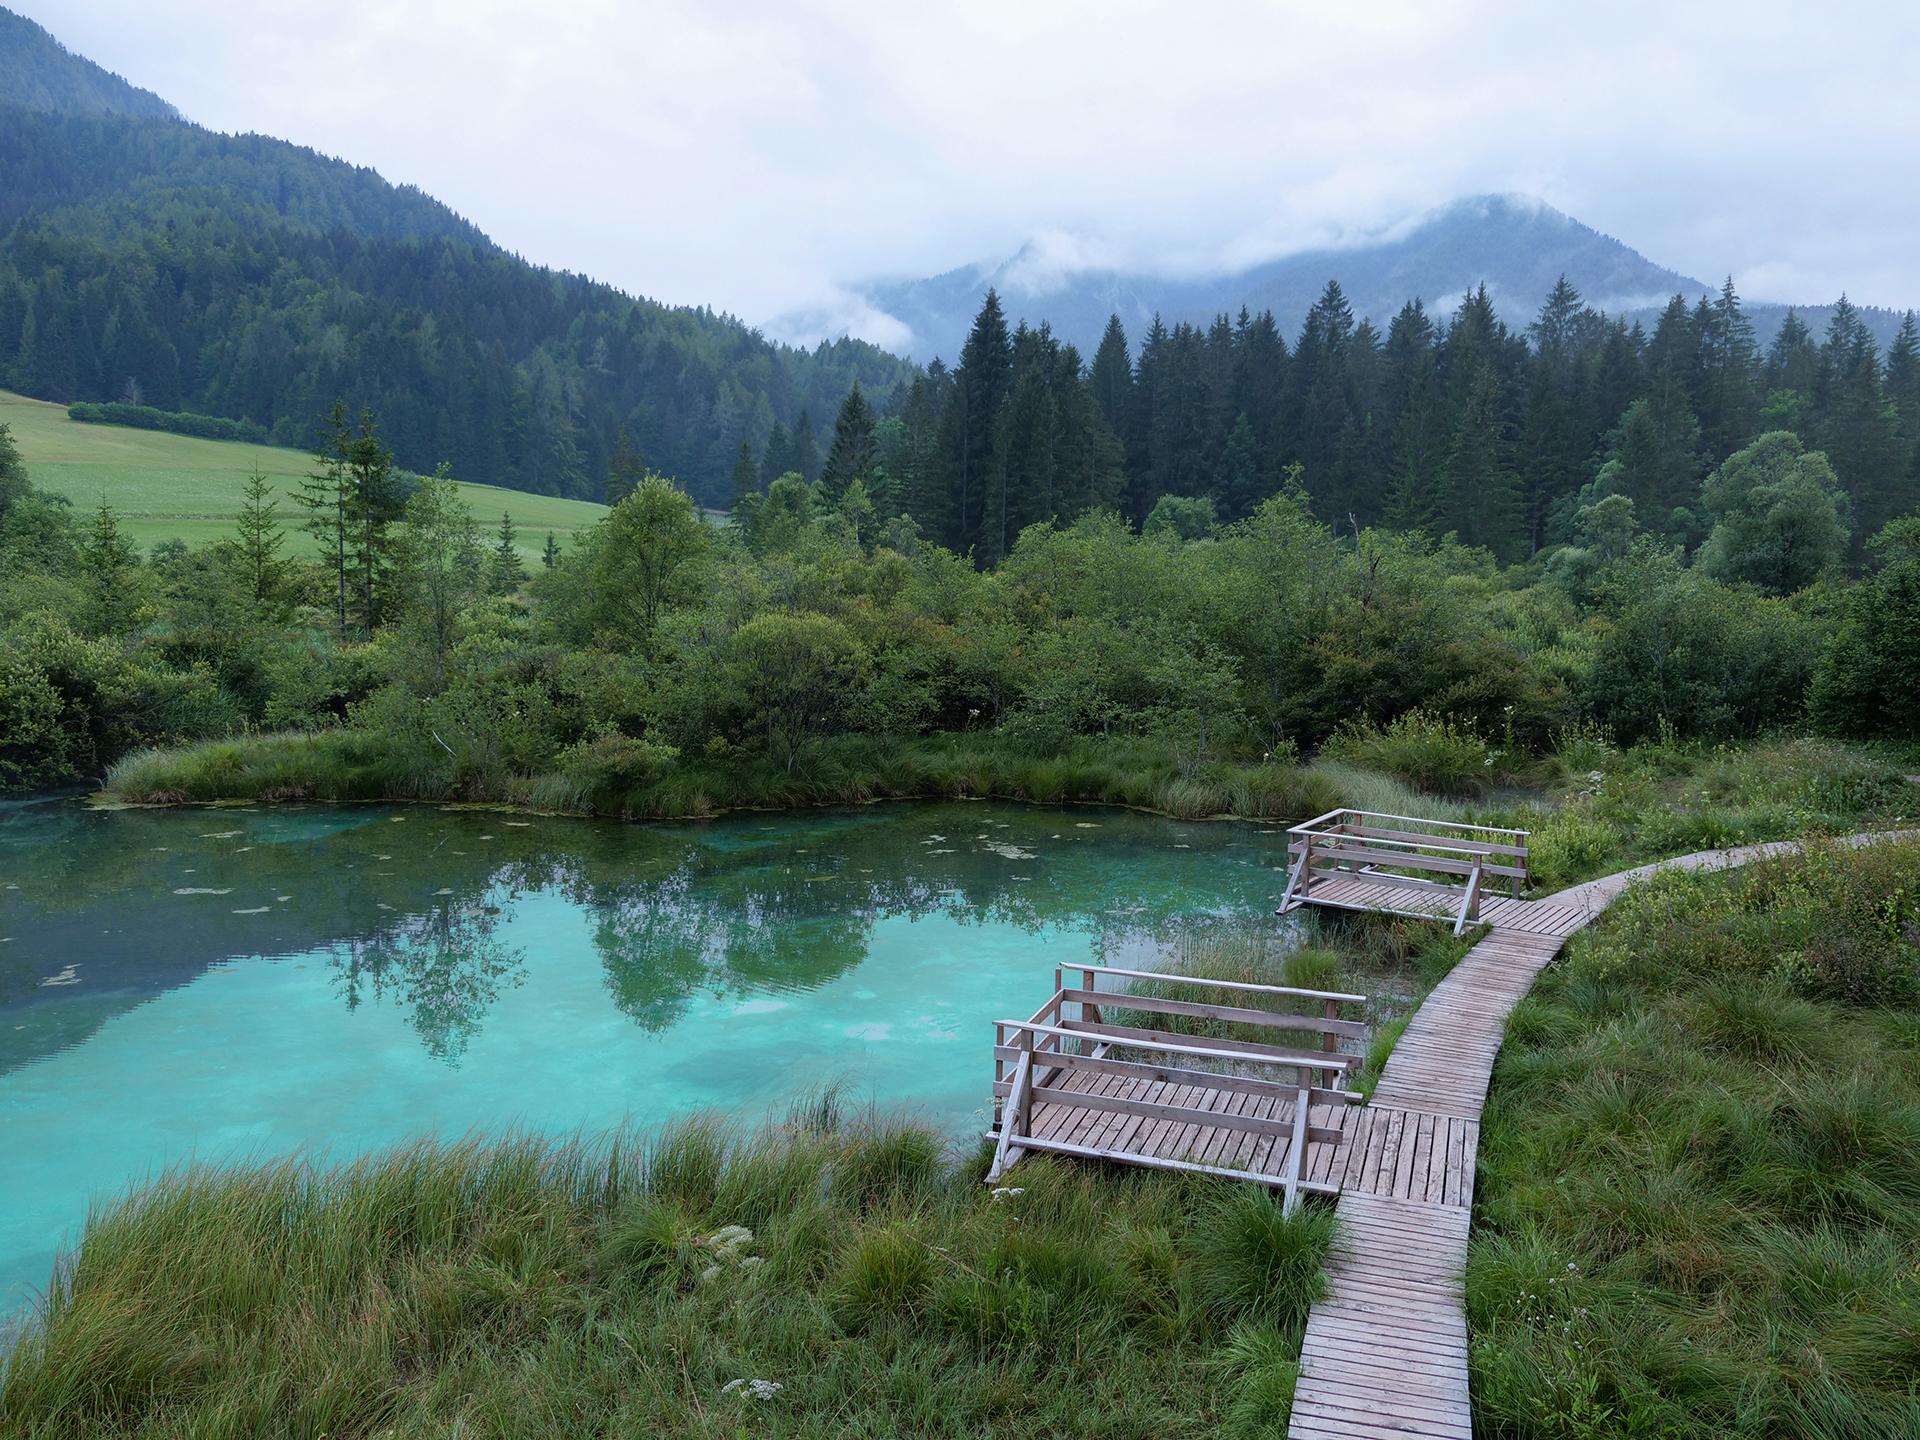 zelenci jezioro słowenia